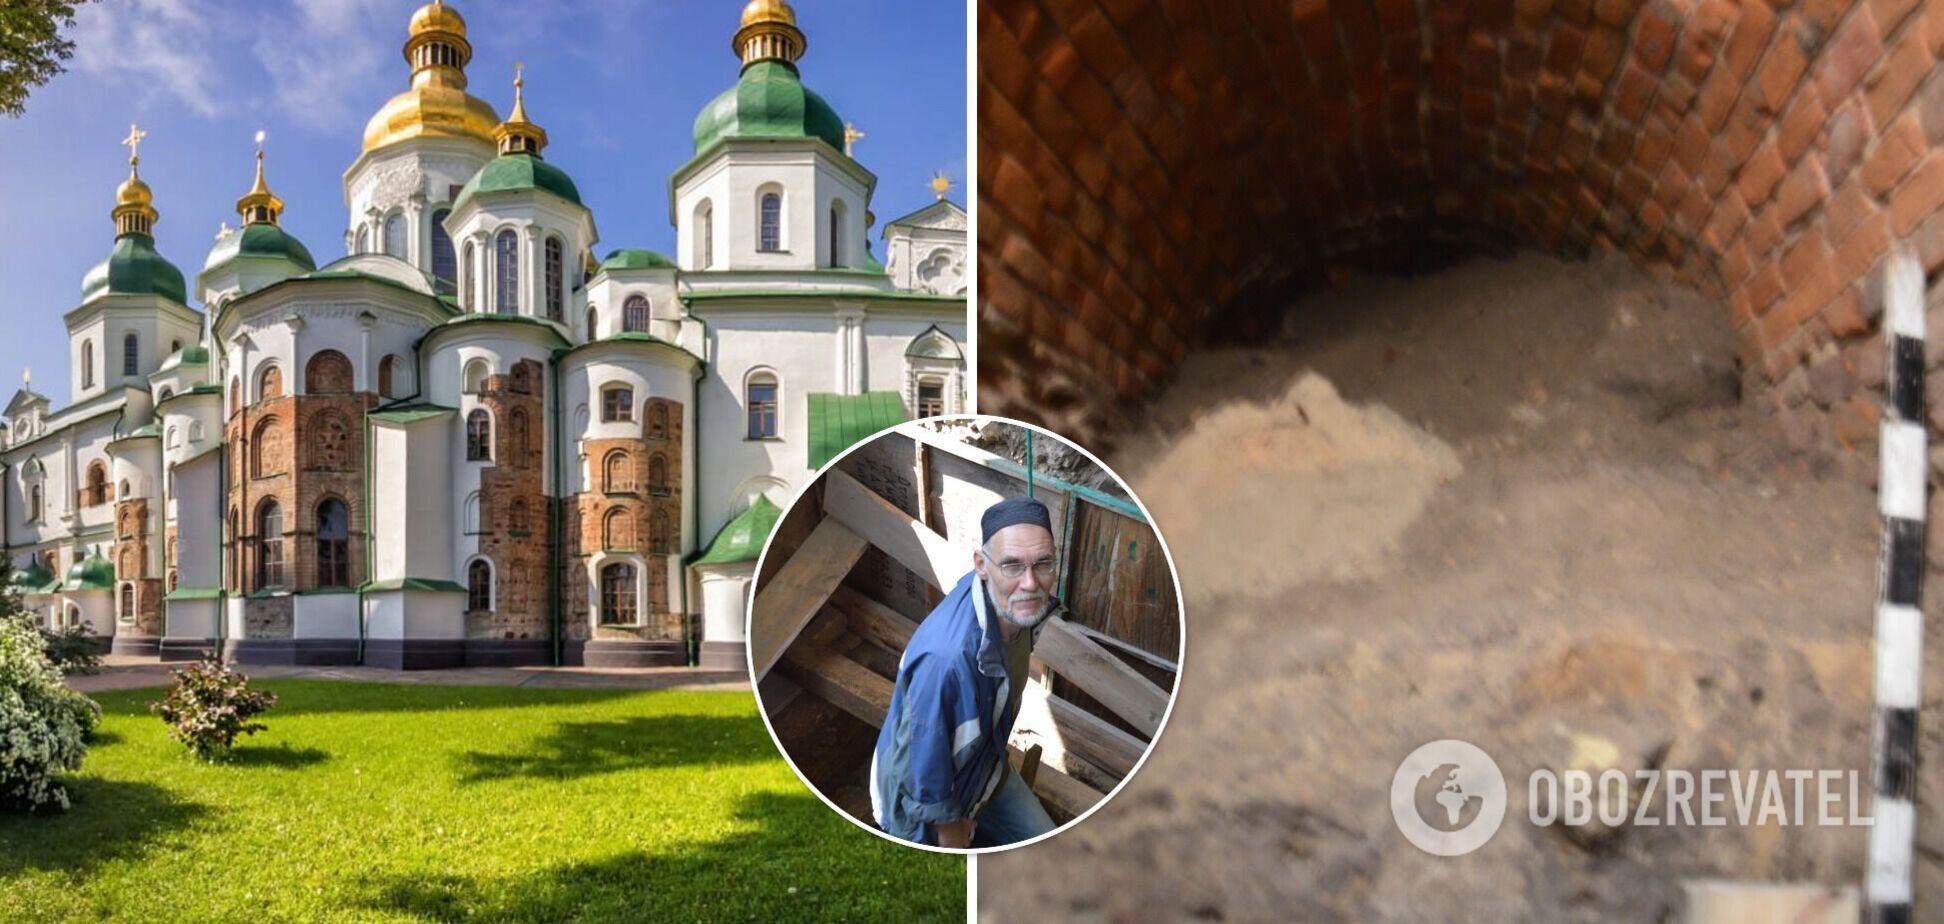 У Києві на території Софійського собору вчені відкрили підземні лабіринти: для кого їх будували. Фото, відео